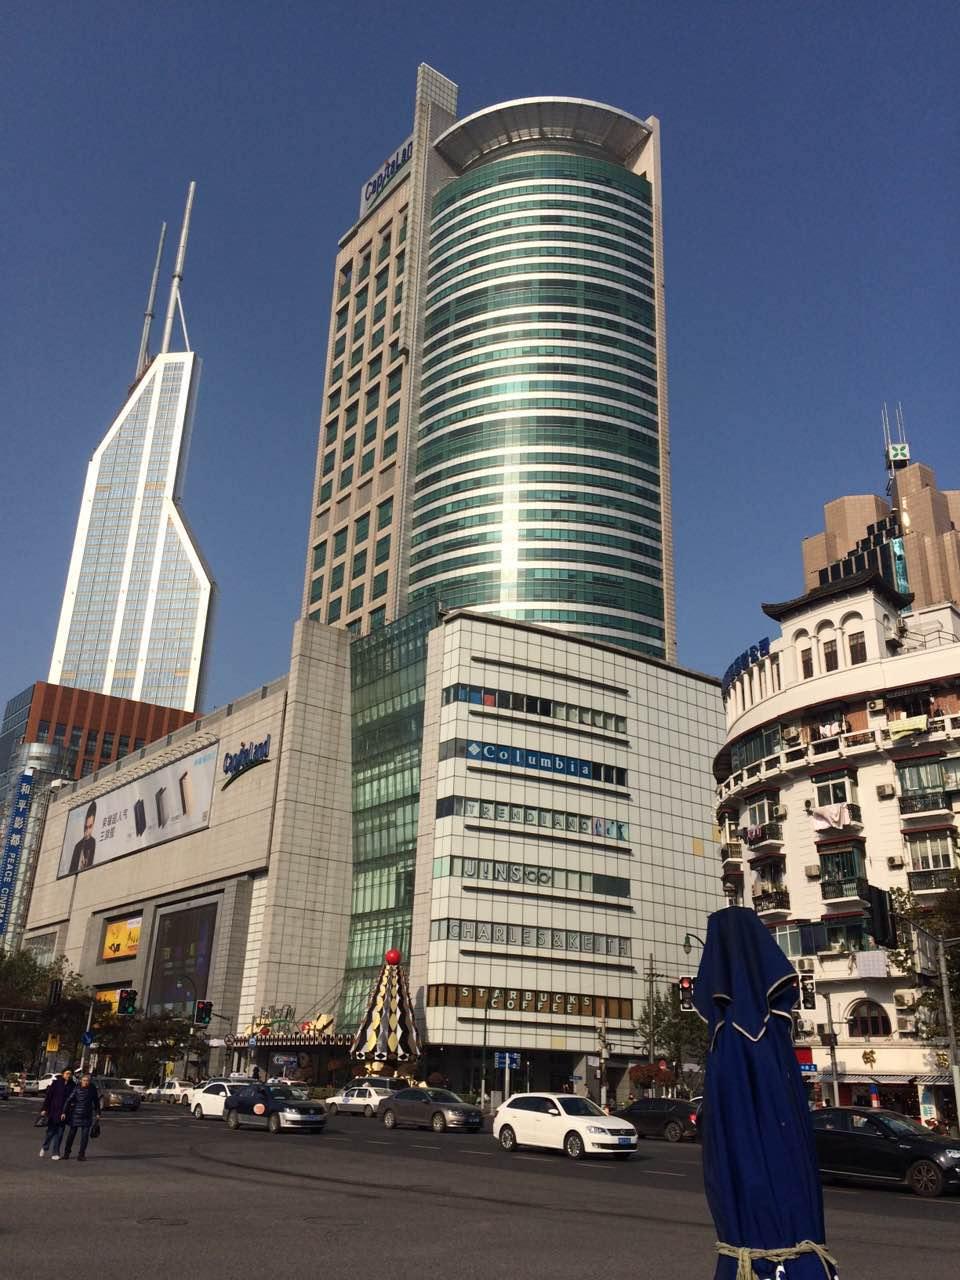 来福士广场由新加坡凯德置地开发及管理,分成来福士广场和甲级写字楼.